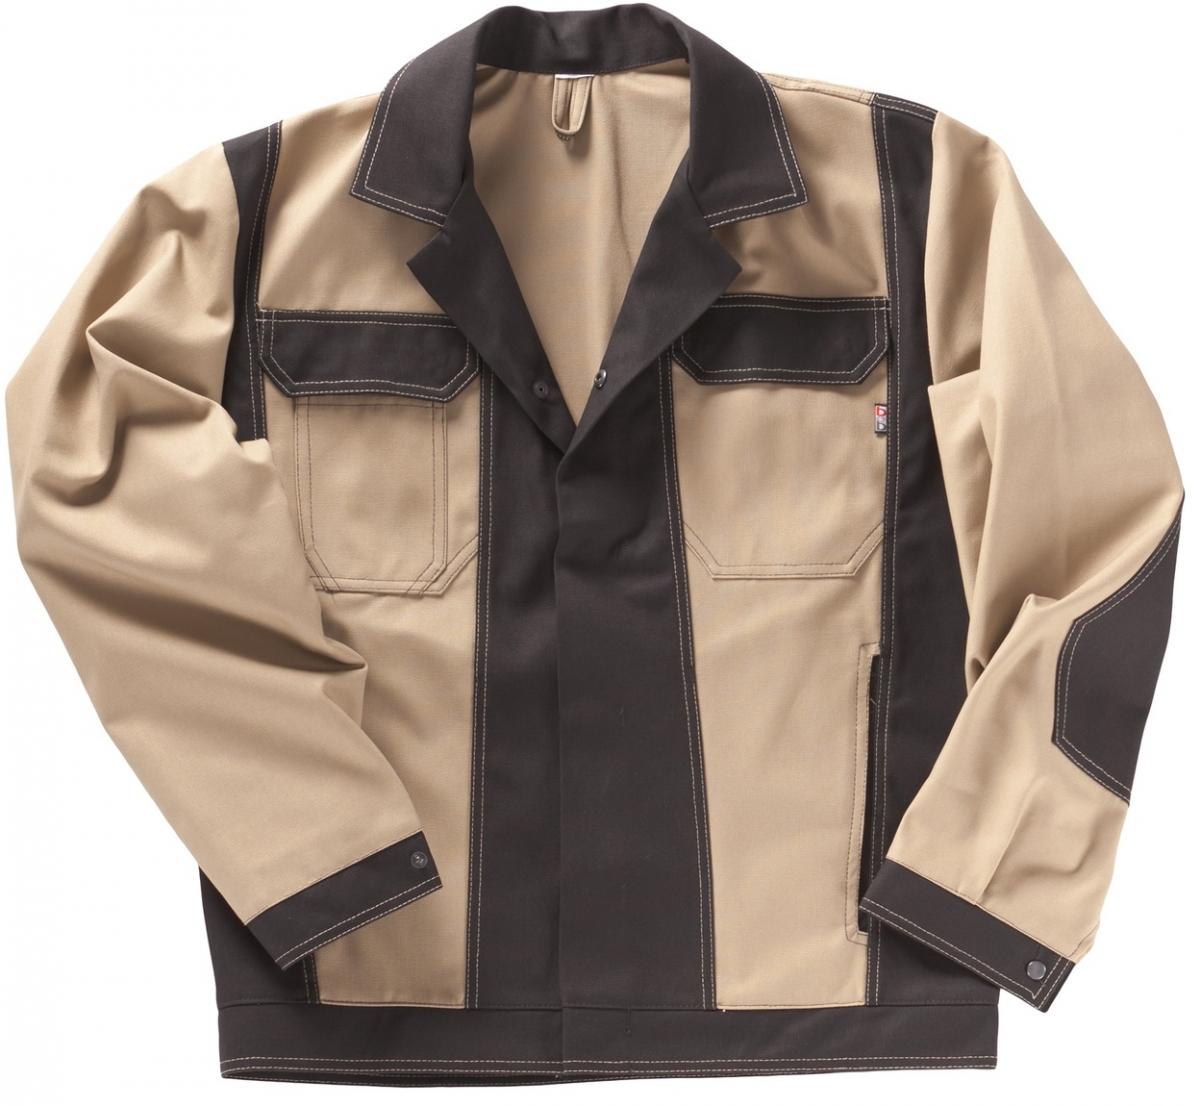 BEB-Bundjacke, Arbeits-Berufs-Jacke, Premium, MG 300, sand/schwarz